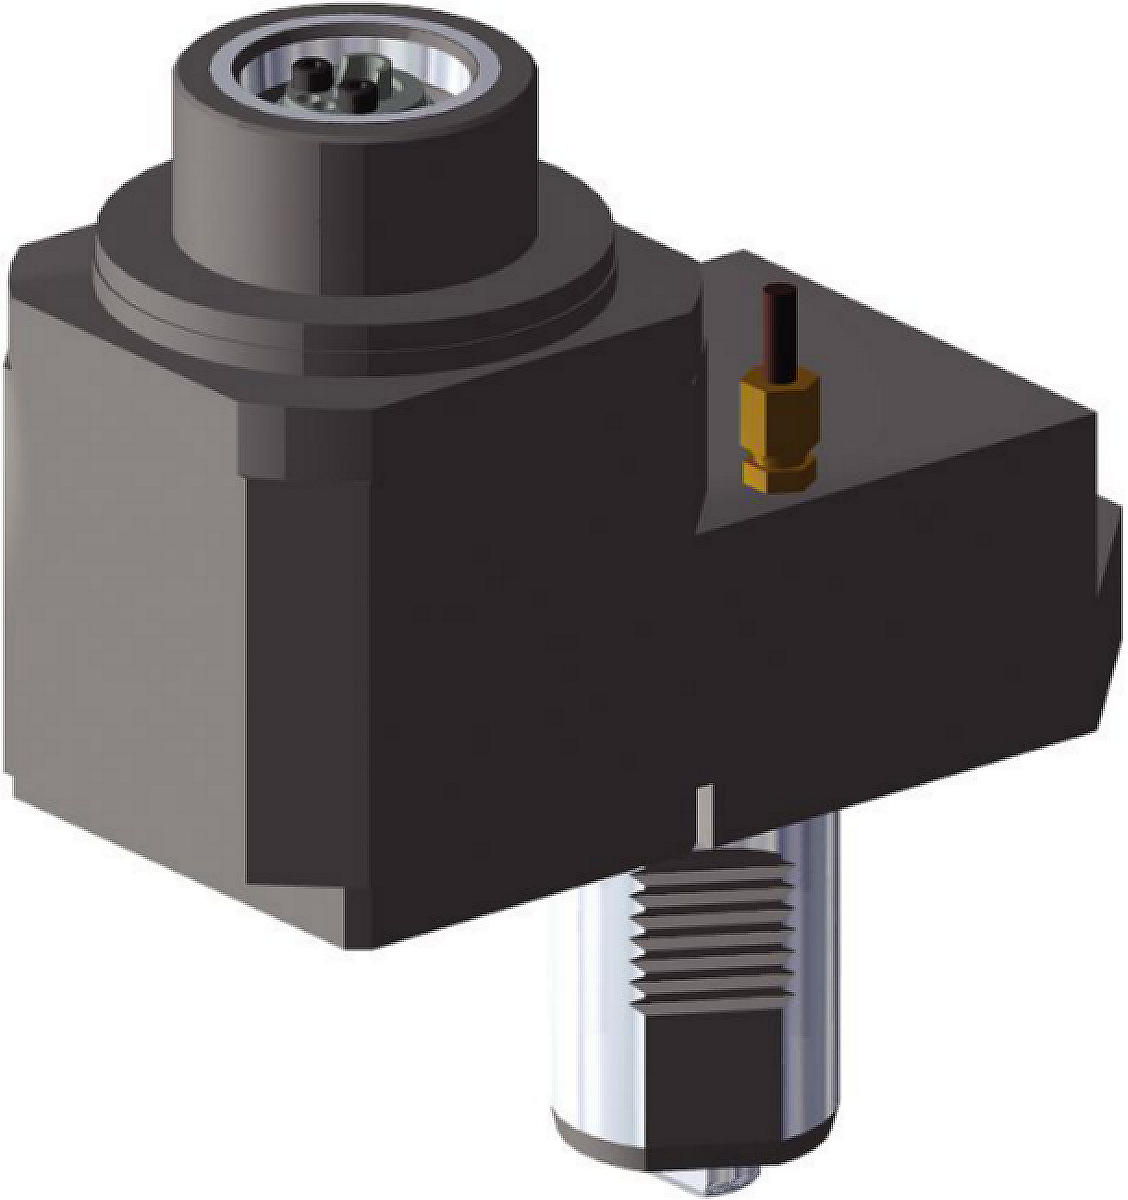 Mazak™ • Herramienta a motor axial • KM™ • MMC 018